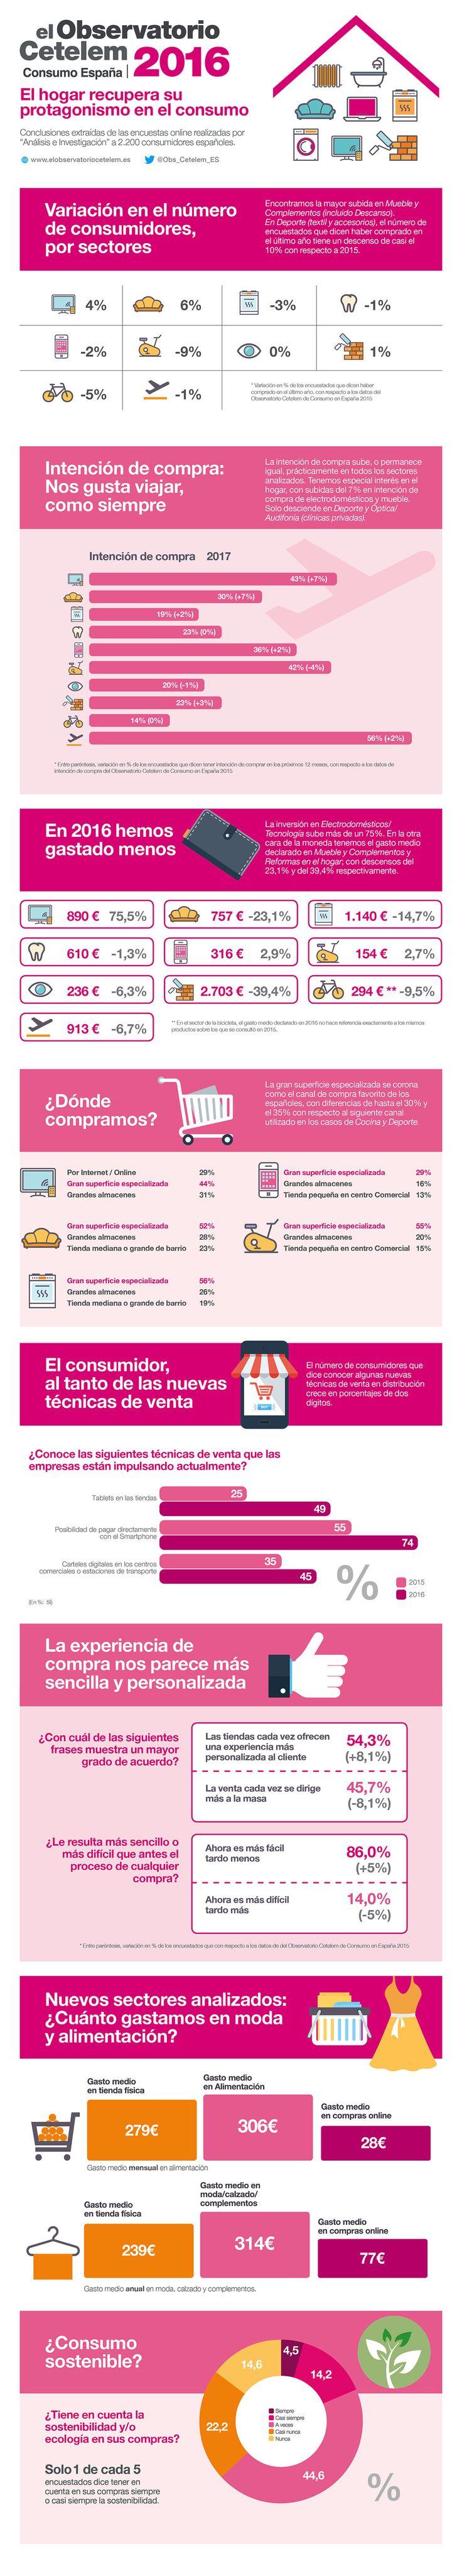 Observatorio Cetelem de Consumo en España 2016. Infografía con algunos de los datos contenidos en este informe sobre hábitos de compra de los consumidores españoles.